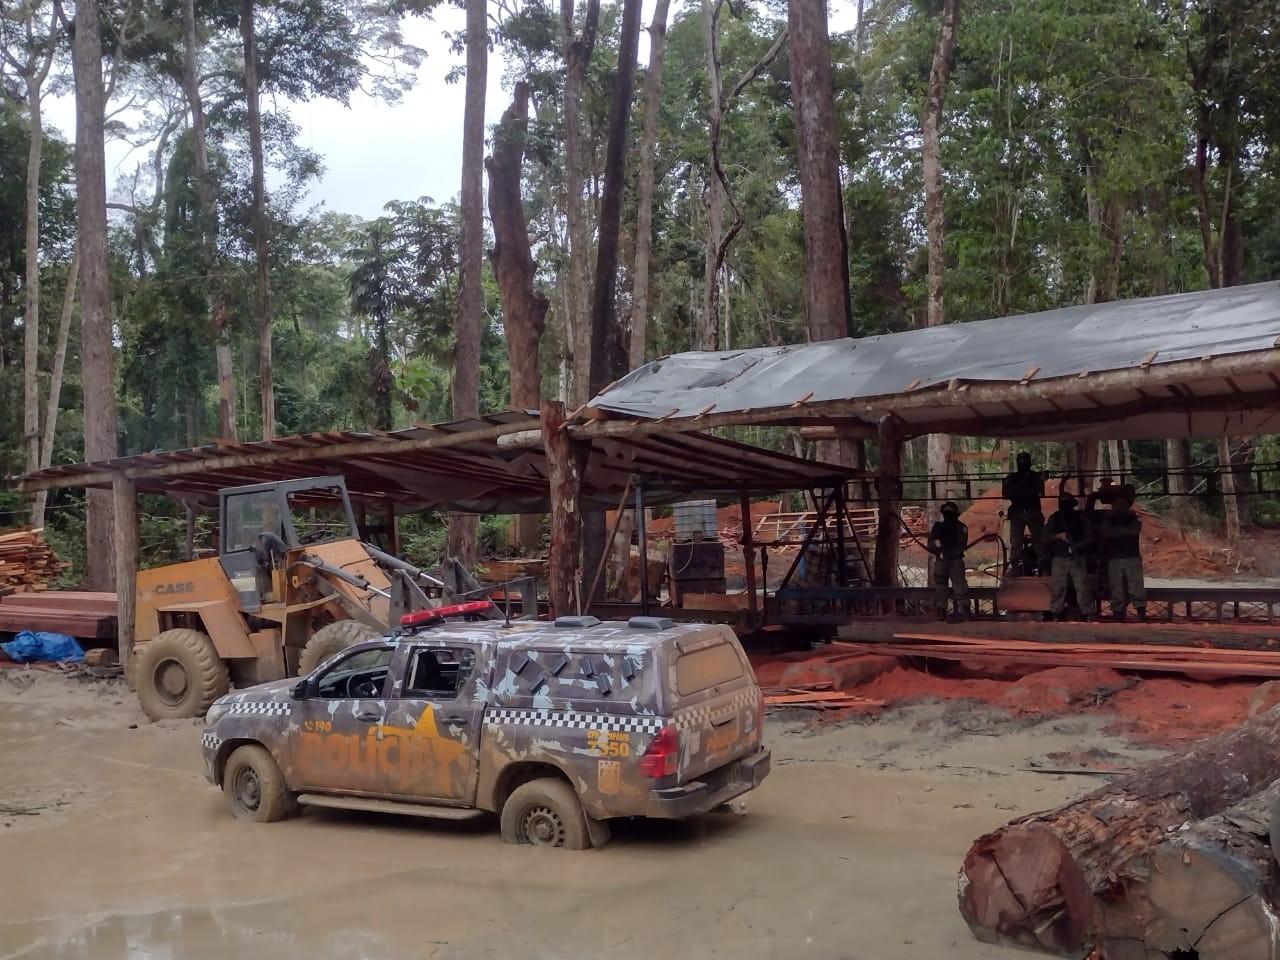 Durante operação, 1ª Cipamb encontra serraria clandestina na região do Chapadão, em Santarém